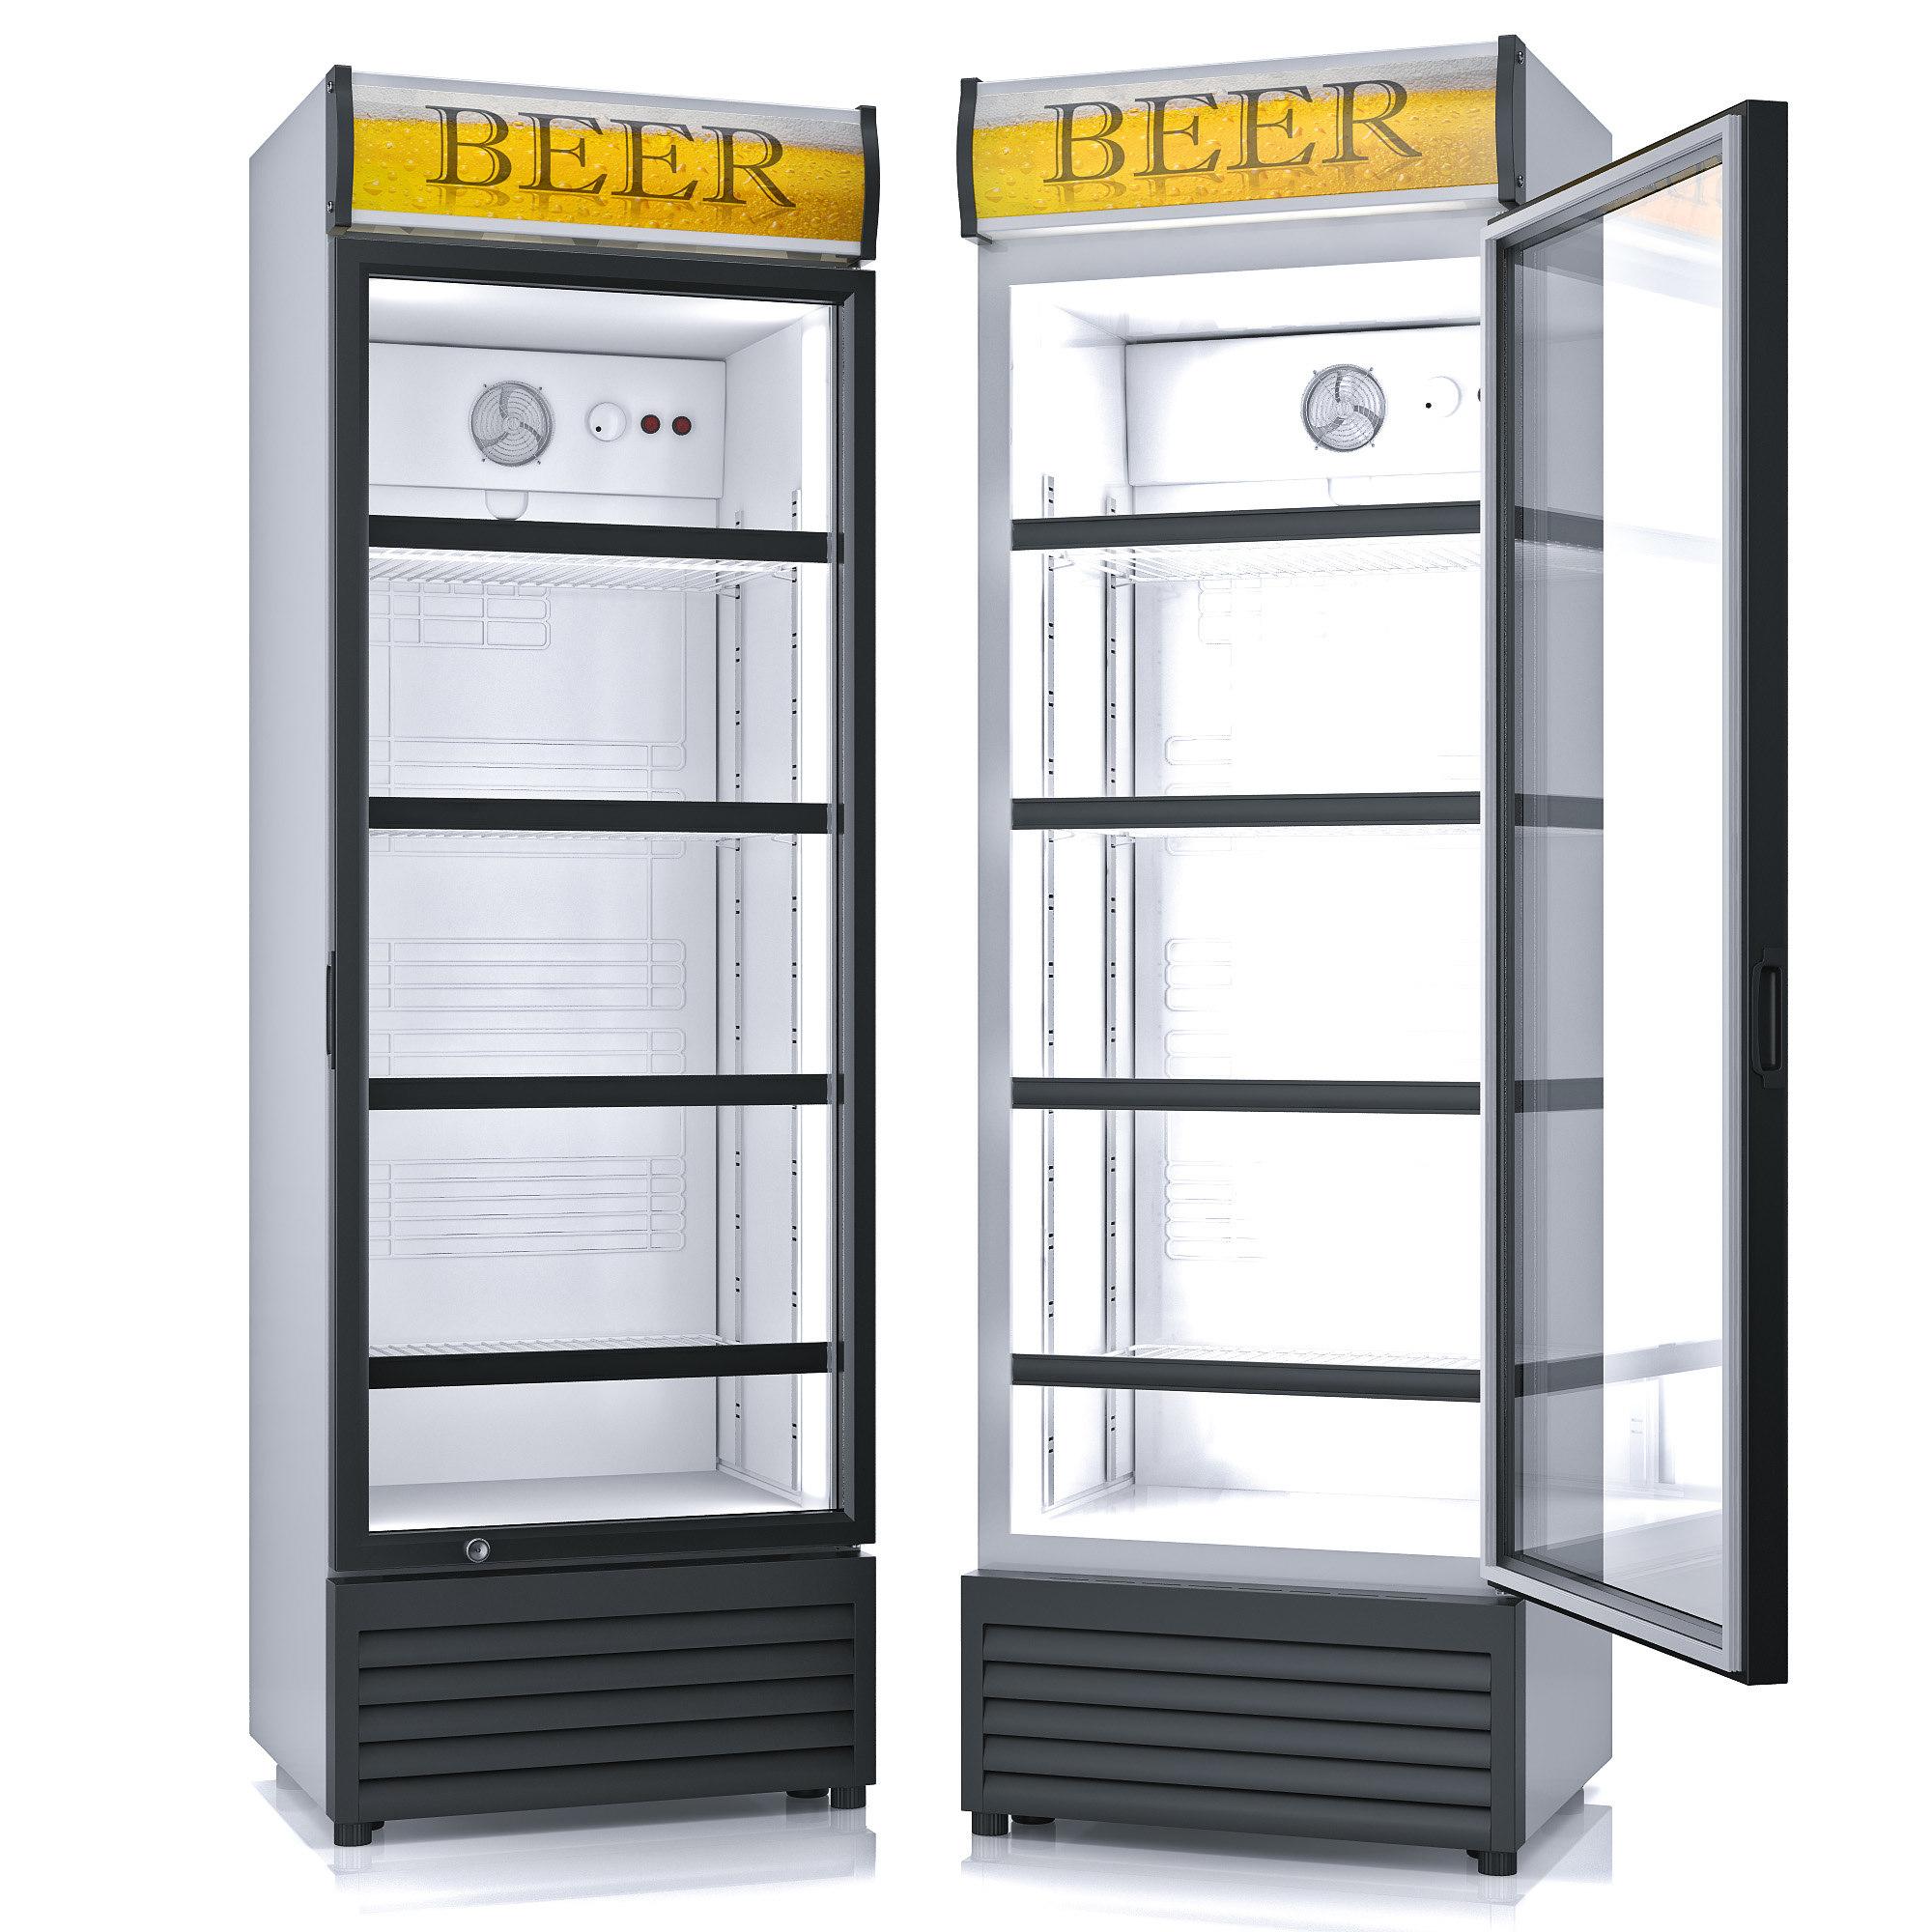 Refrigerator_Beer_02.jpg